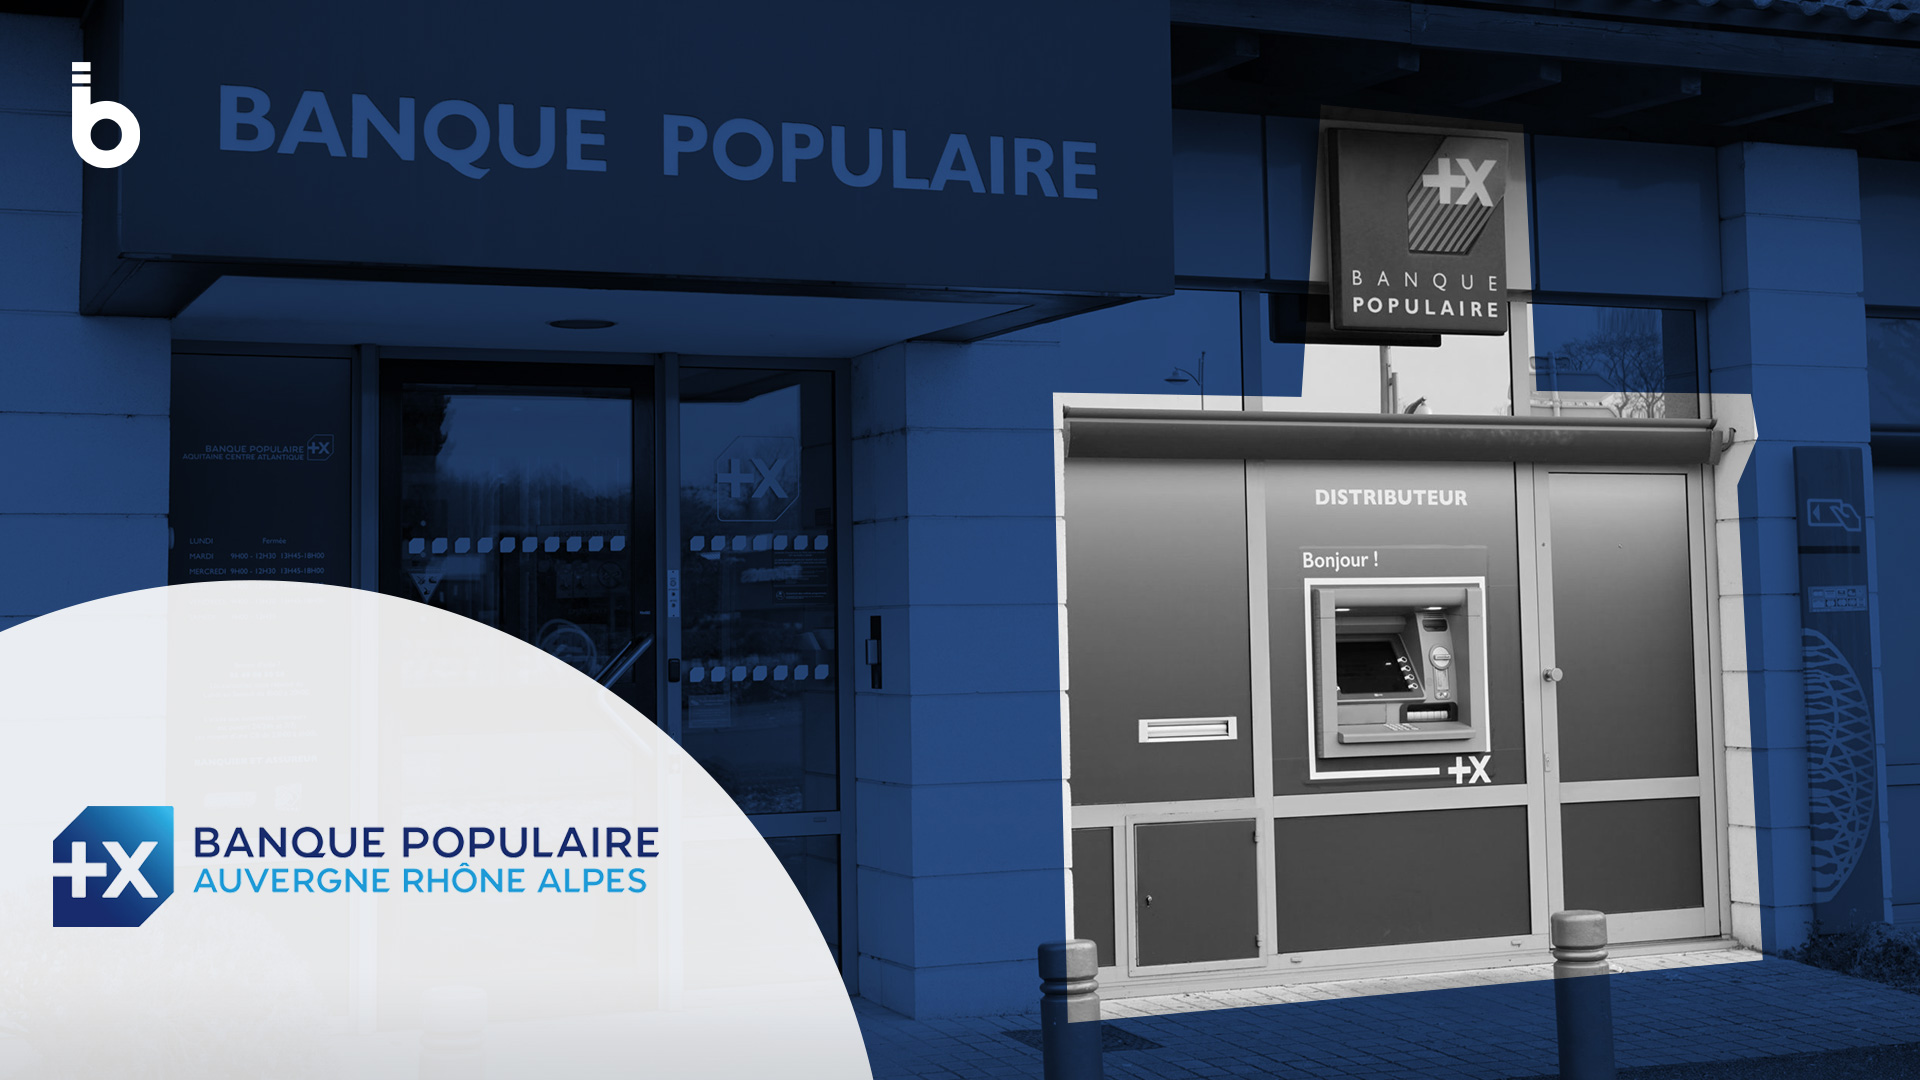 La Banque Populaire Auvergne Rhône Alpes passe d'Excel à Board pour transformer son processus budgétaire dans un contexte de fusion.